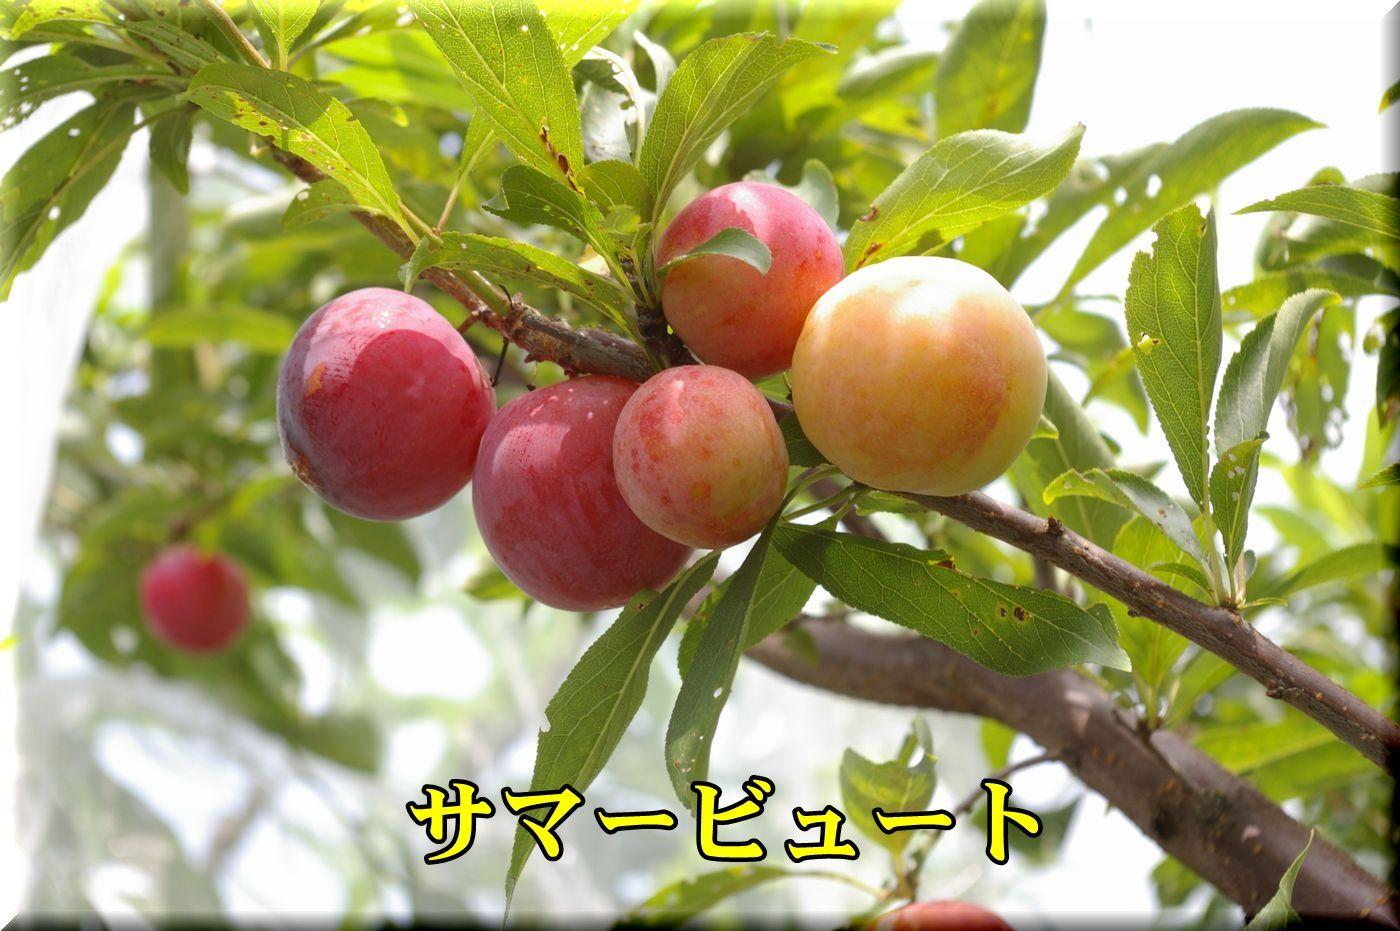 1sumerbyu160718_006.jpg